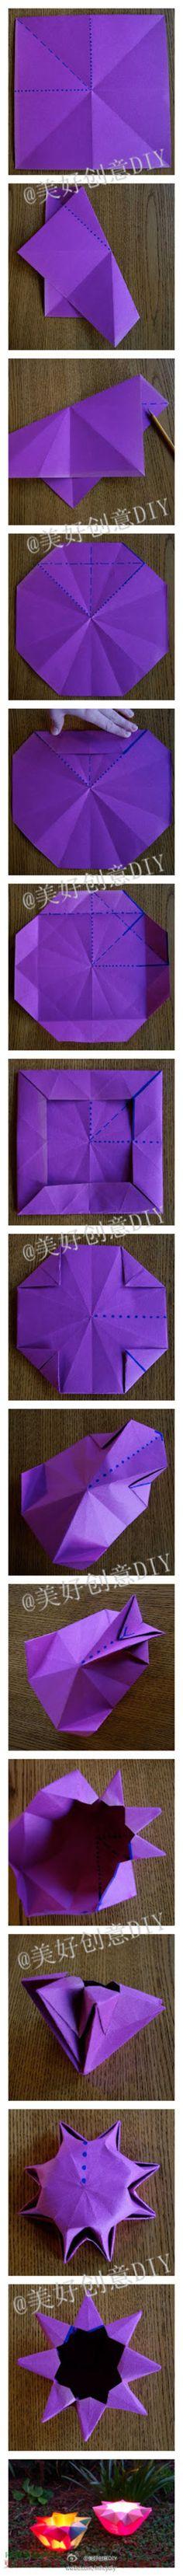 Plegable linternas de papel, como los zapatos de origami no se pierda oh ~